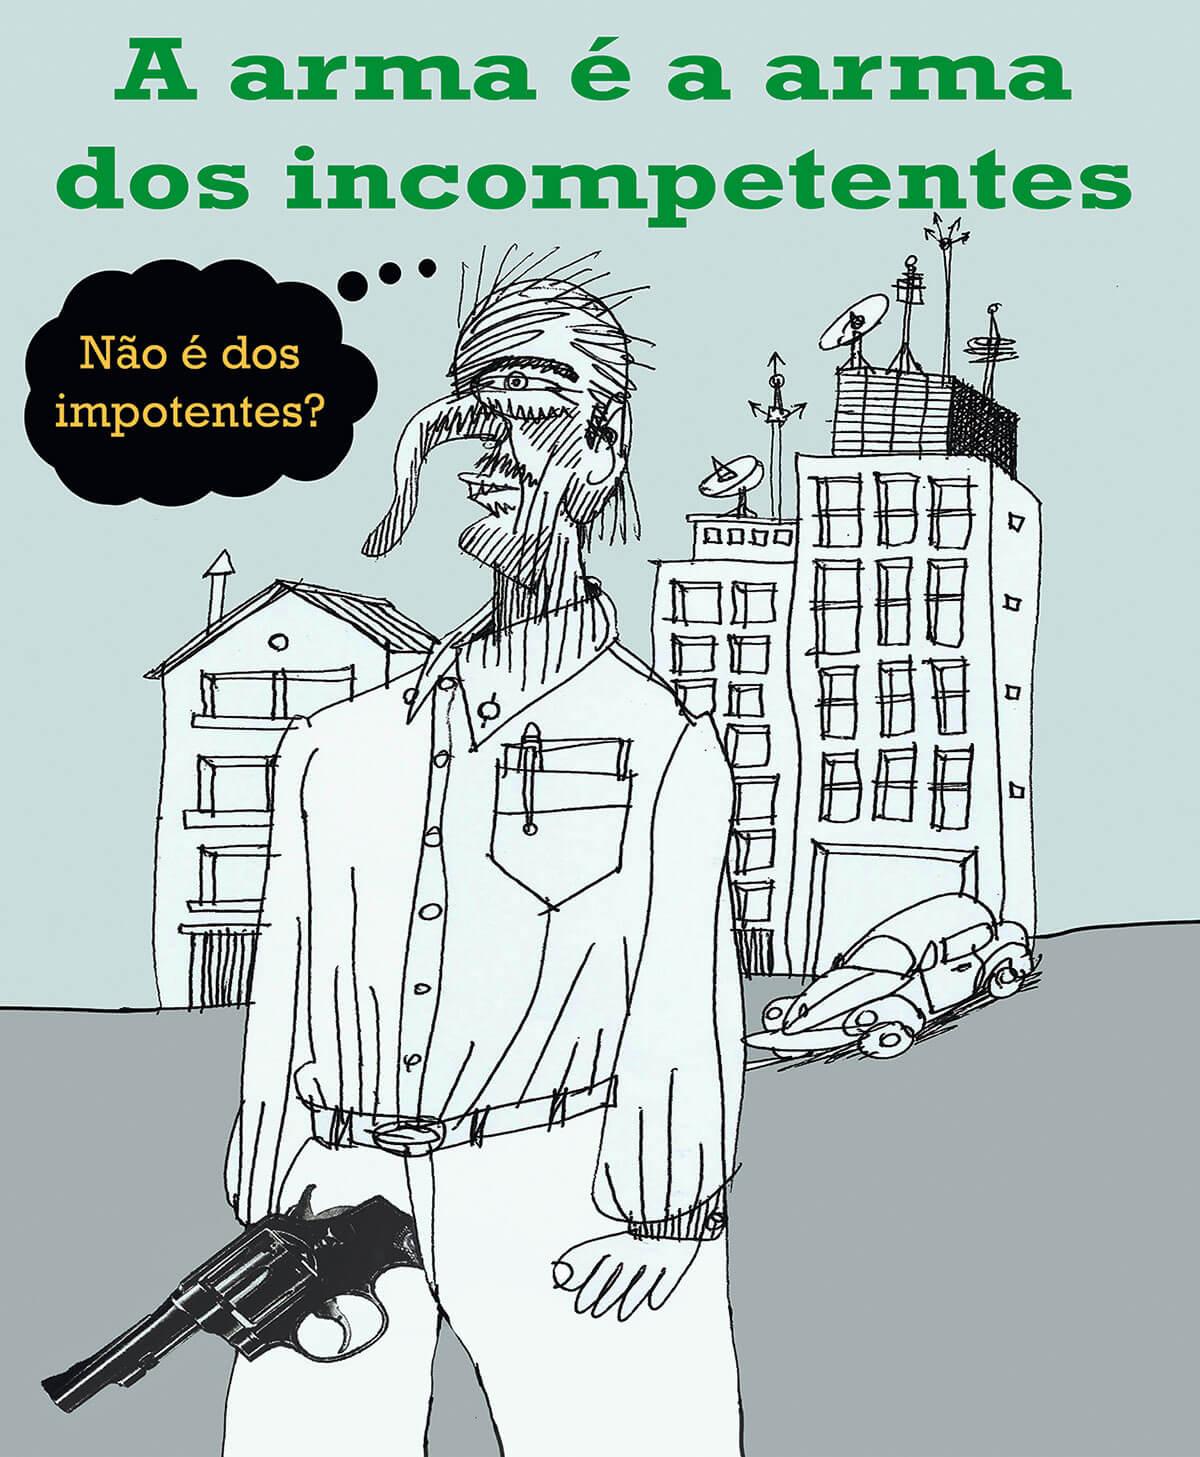 Cartuns de Reinaldo Figueiredo